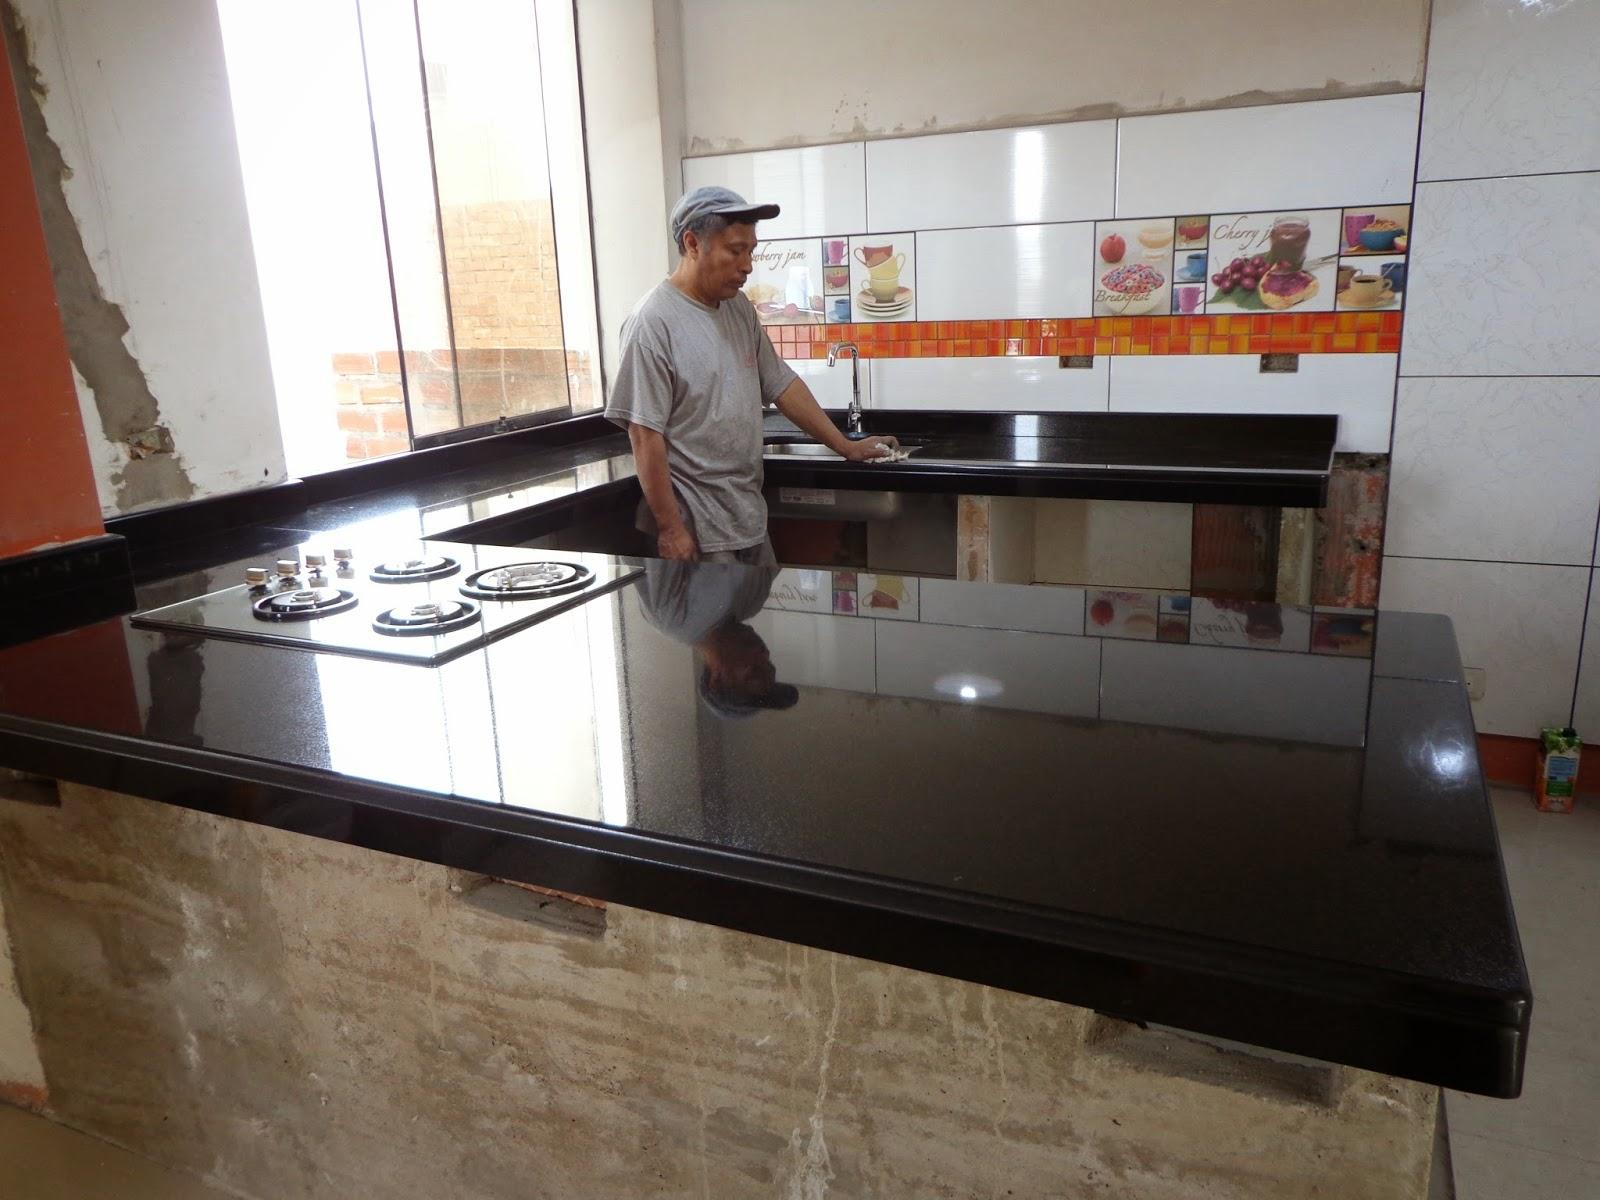 Cubiertas topes encimeras cocina granito marmol for Encimera cocina marmol o granito